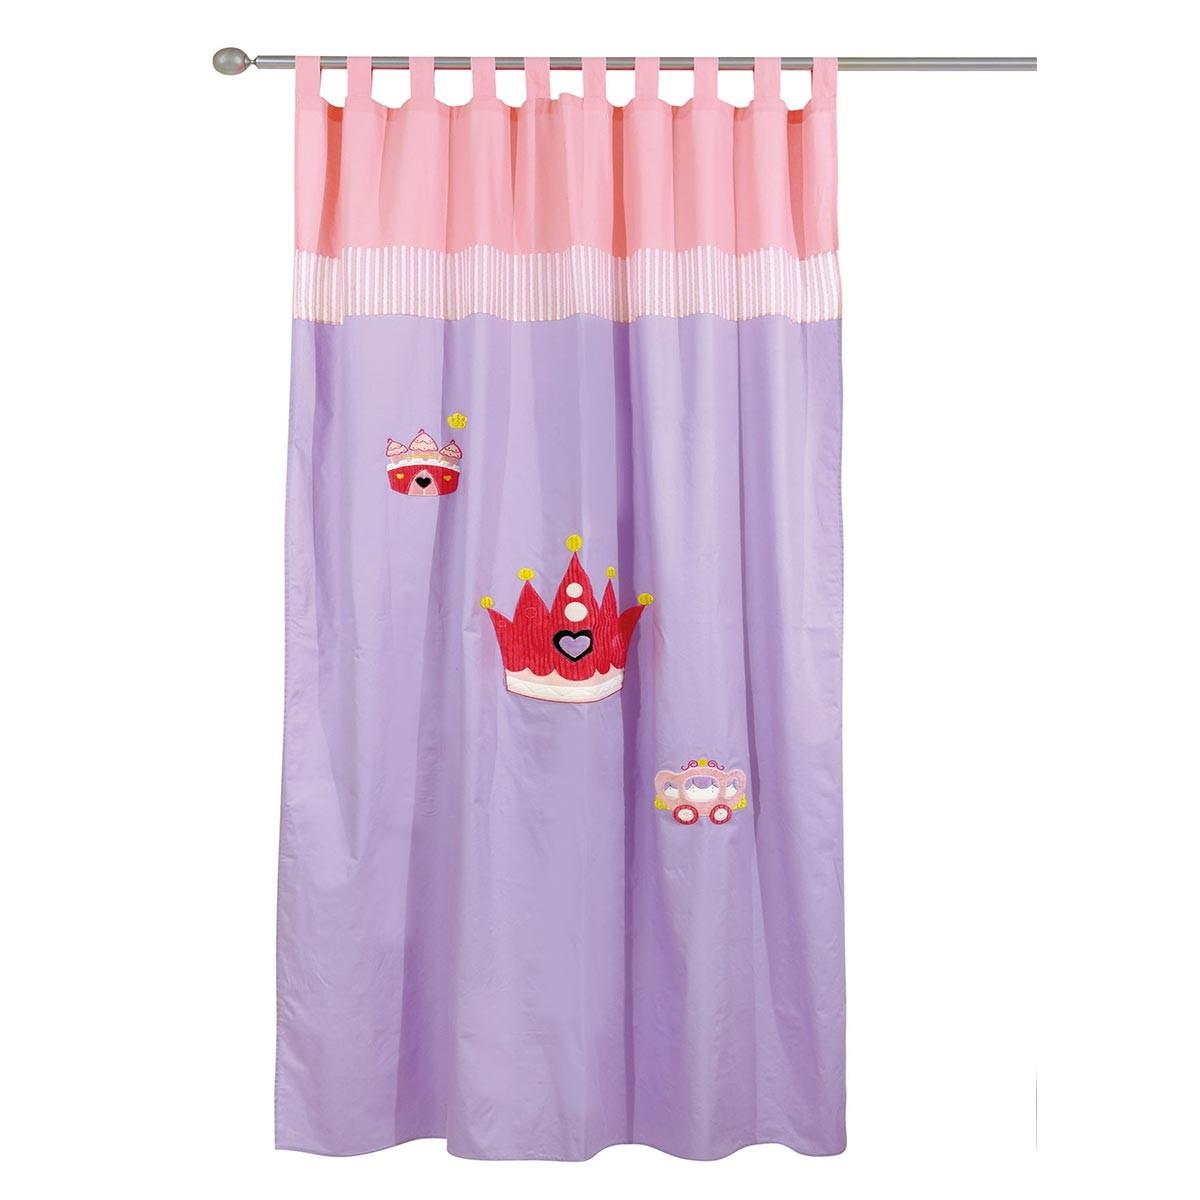 Παιδική Κουρτίνα (140x260) Das Home Dream Embroidery 2108